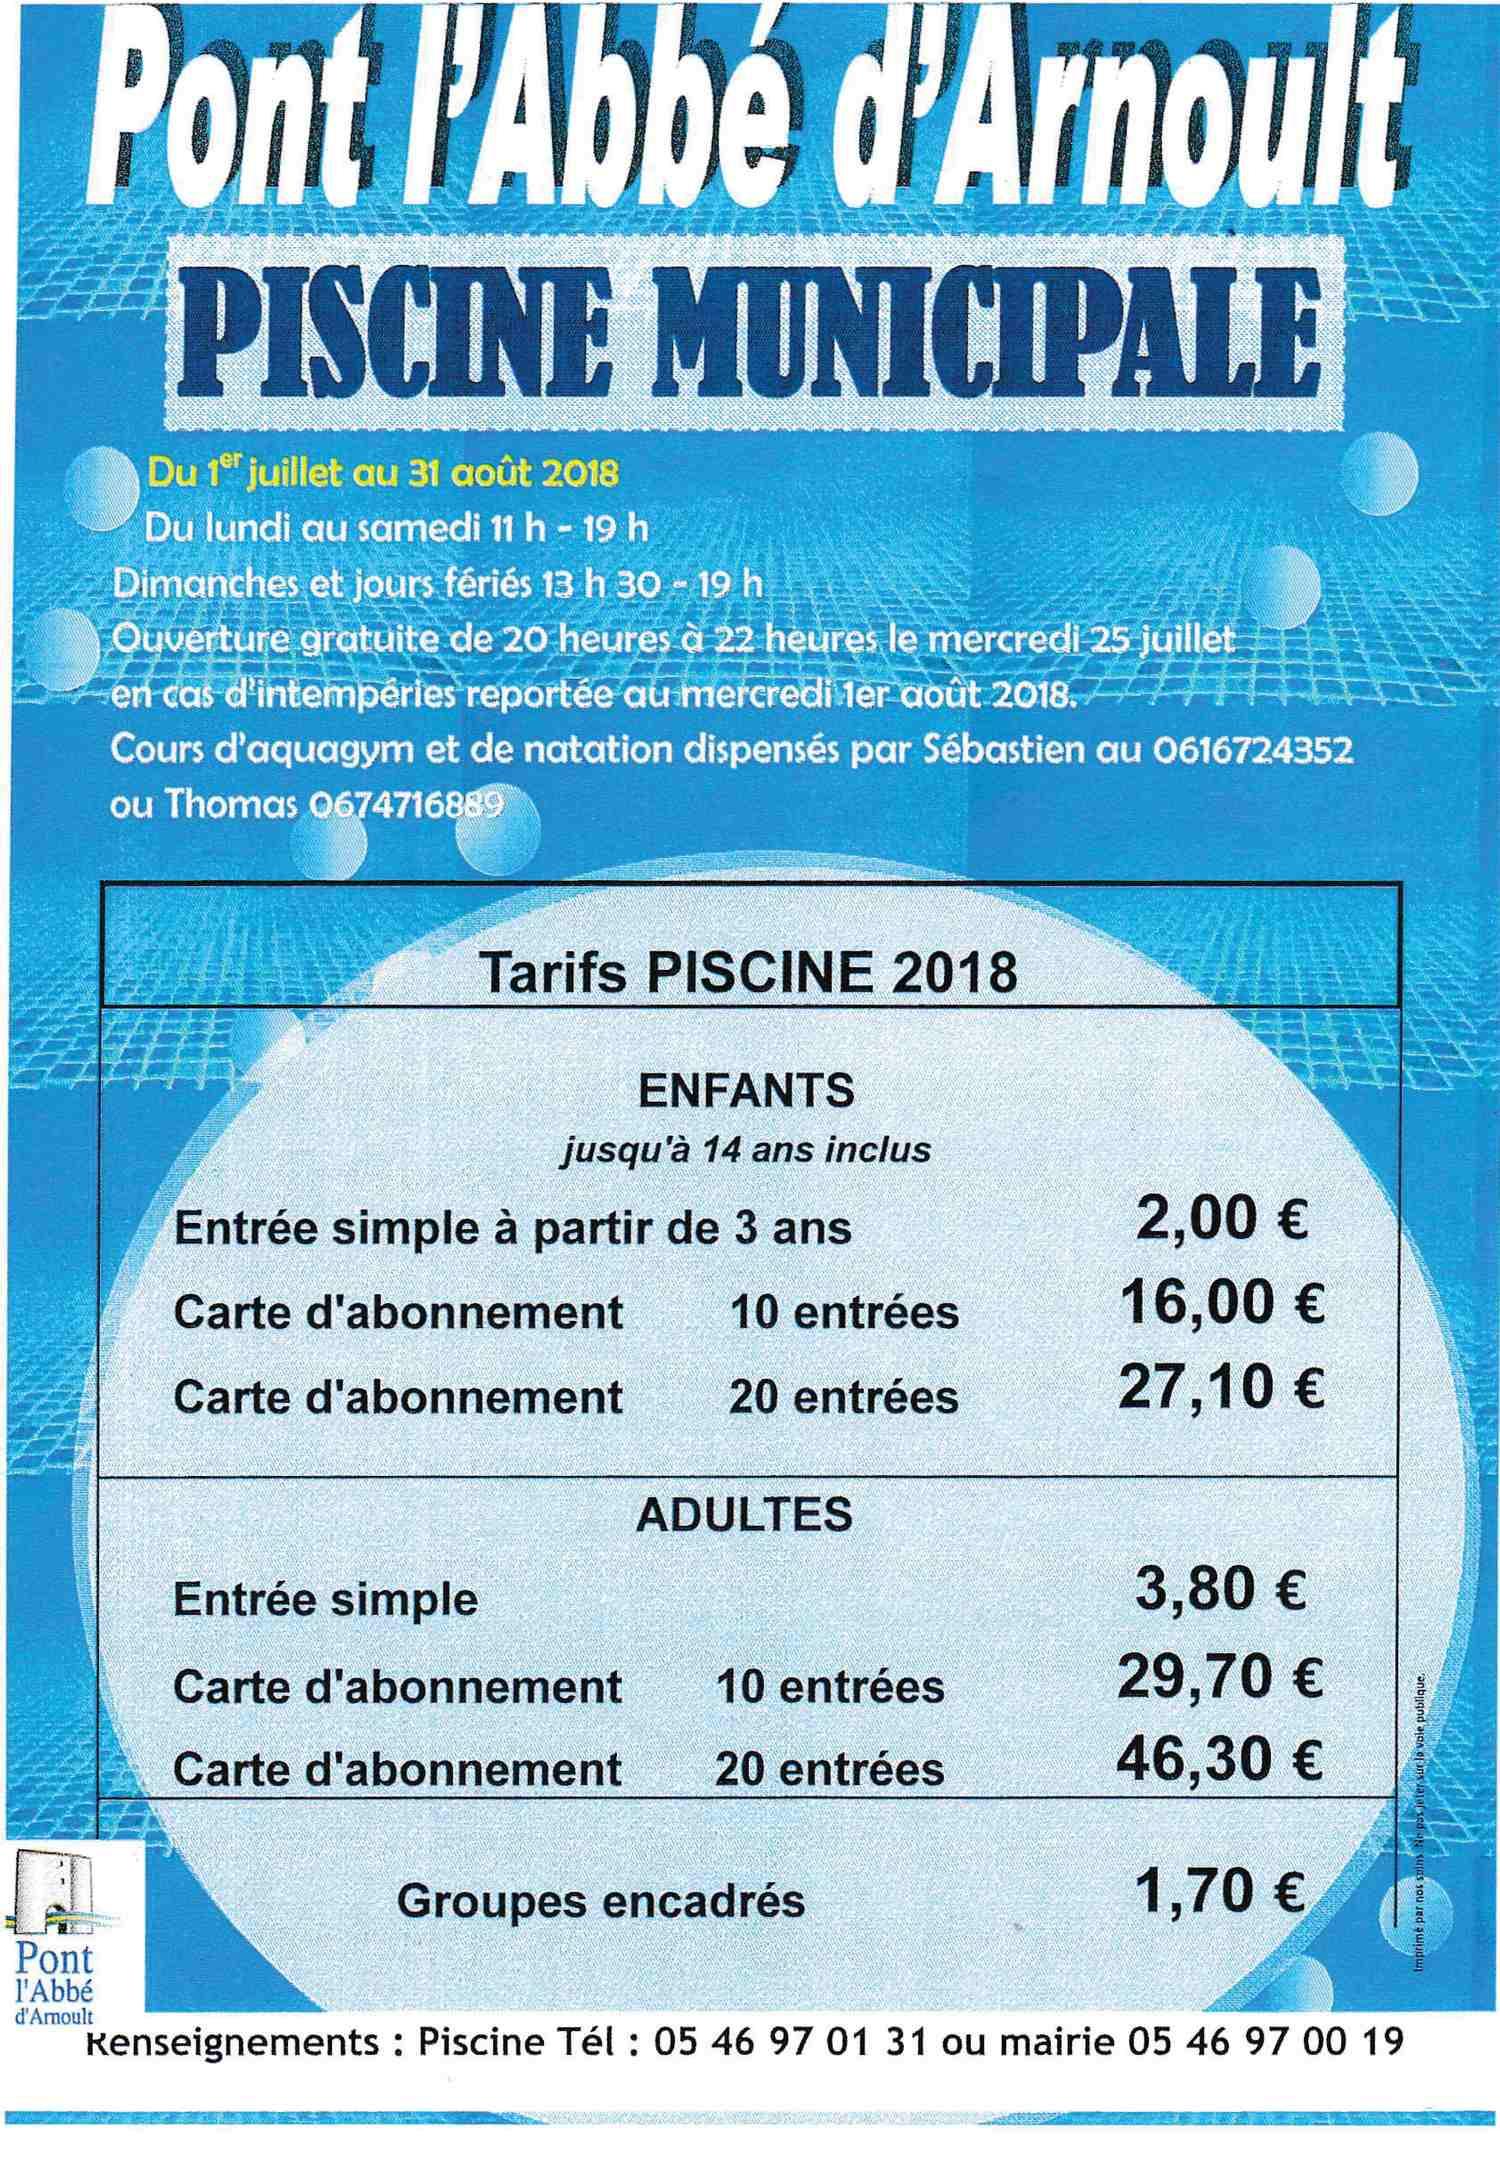 Piscine Municipale 2018 - Site Officiel De La Mairie De Pont ... tout Piscine Pont L Abbé